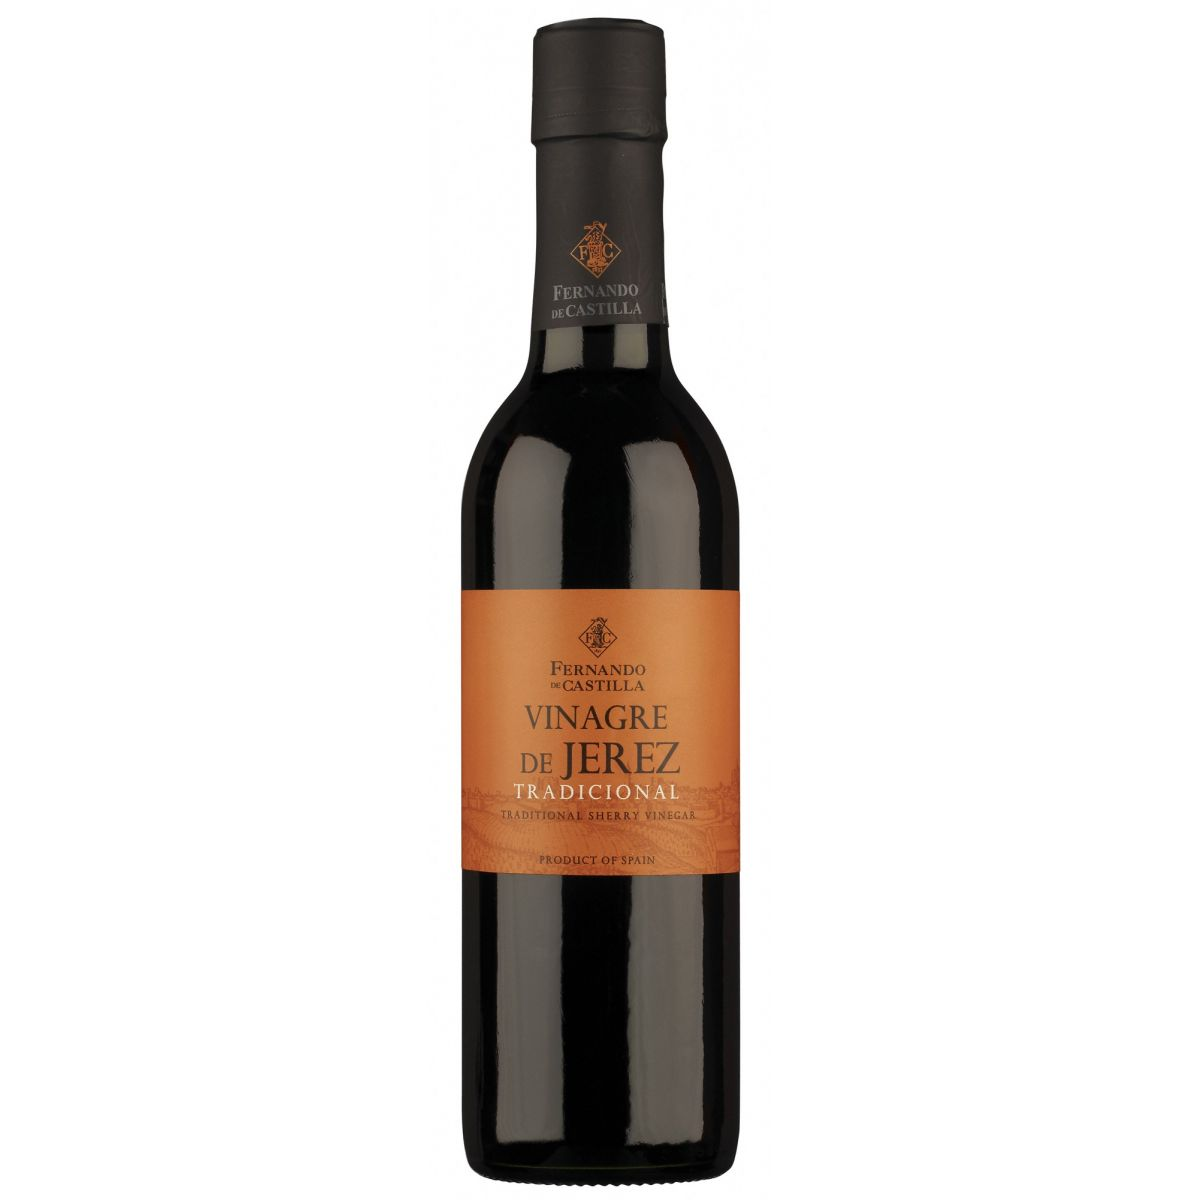 Vinagre Jerez Tradicional Fernando Castilla 375ml